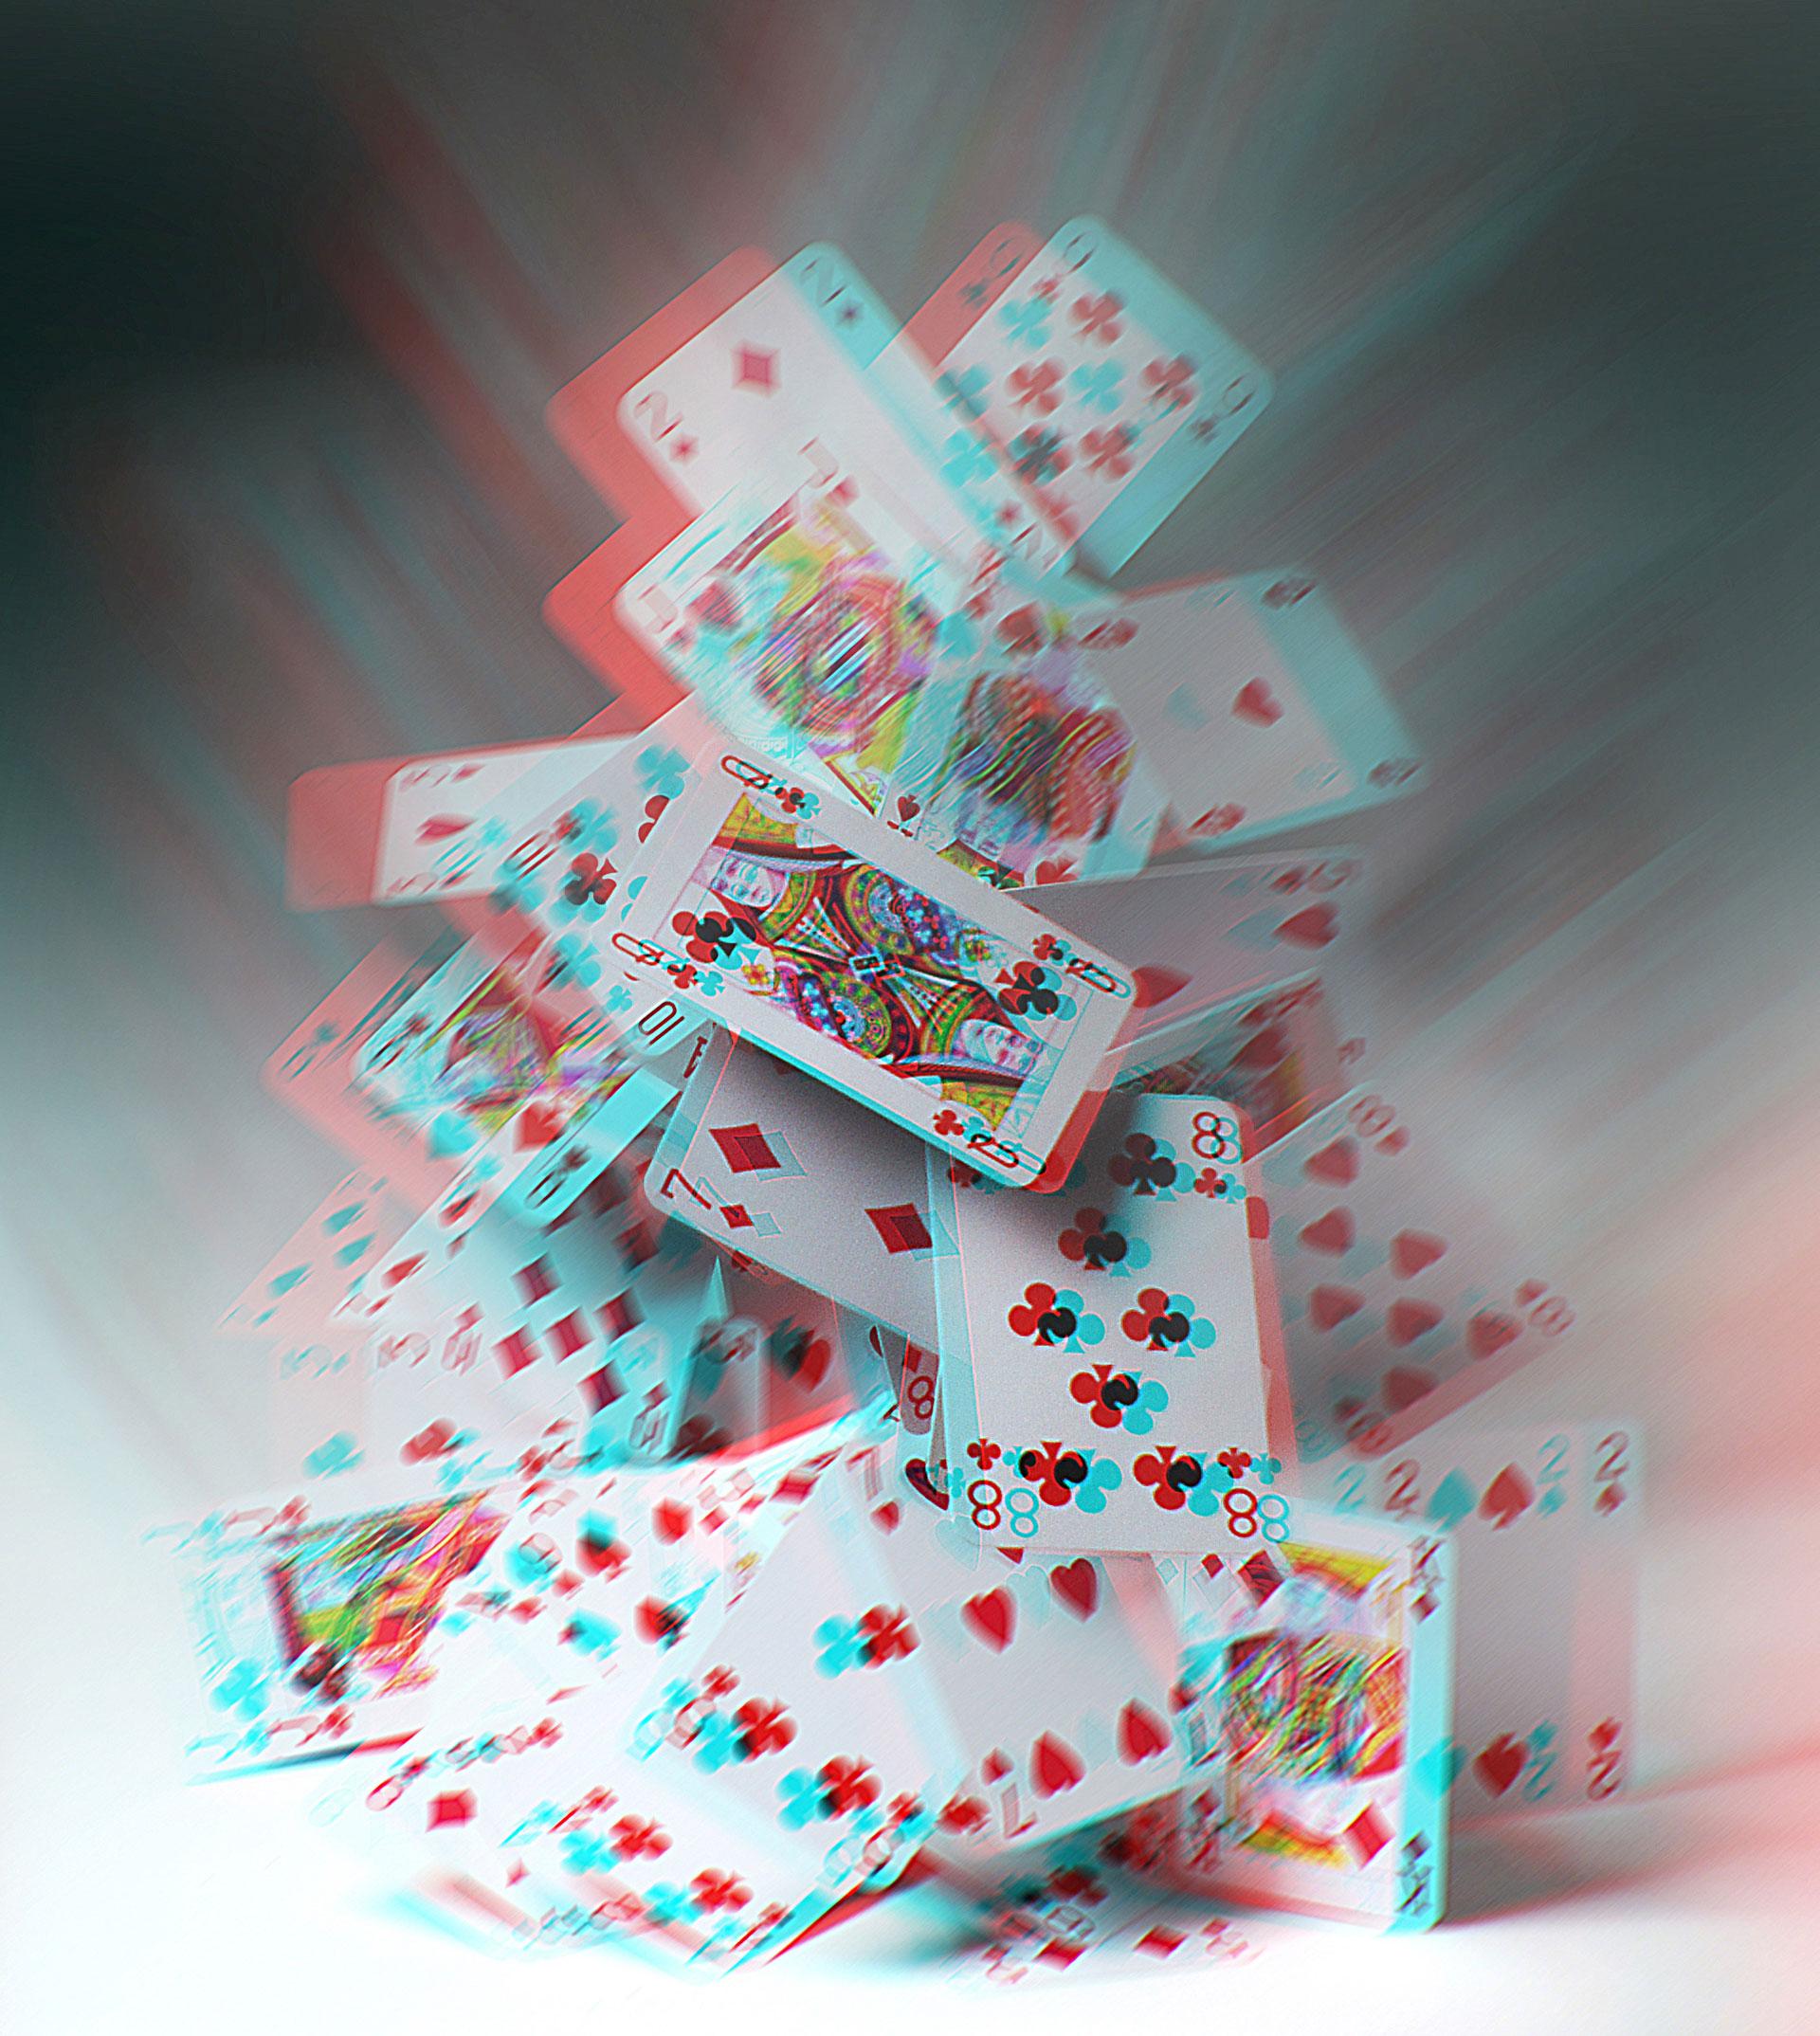 010-3D.jpg